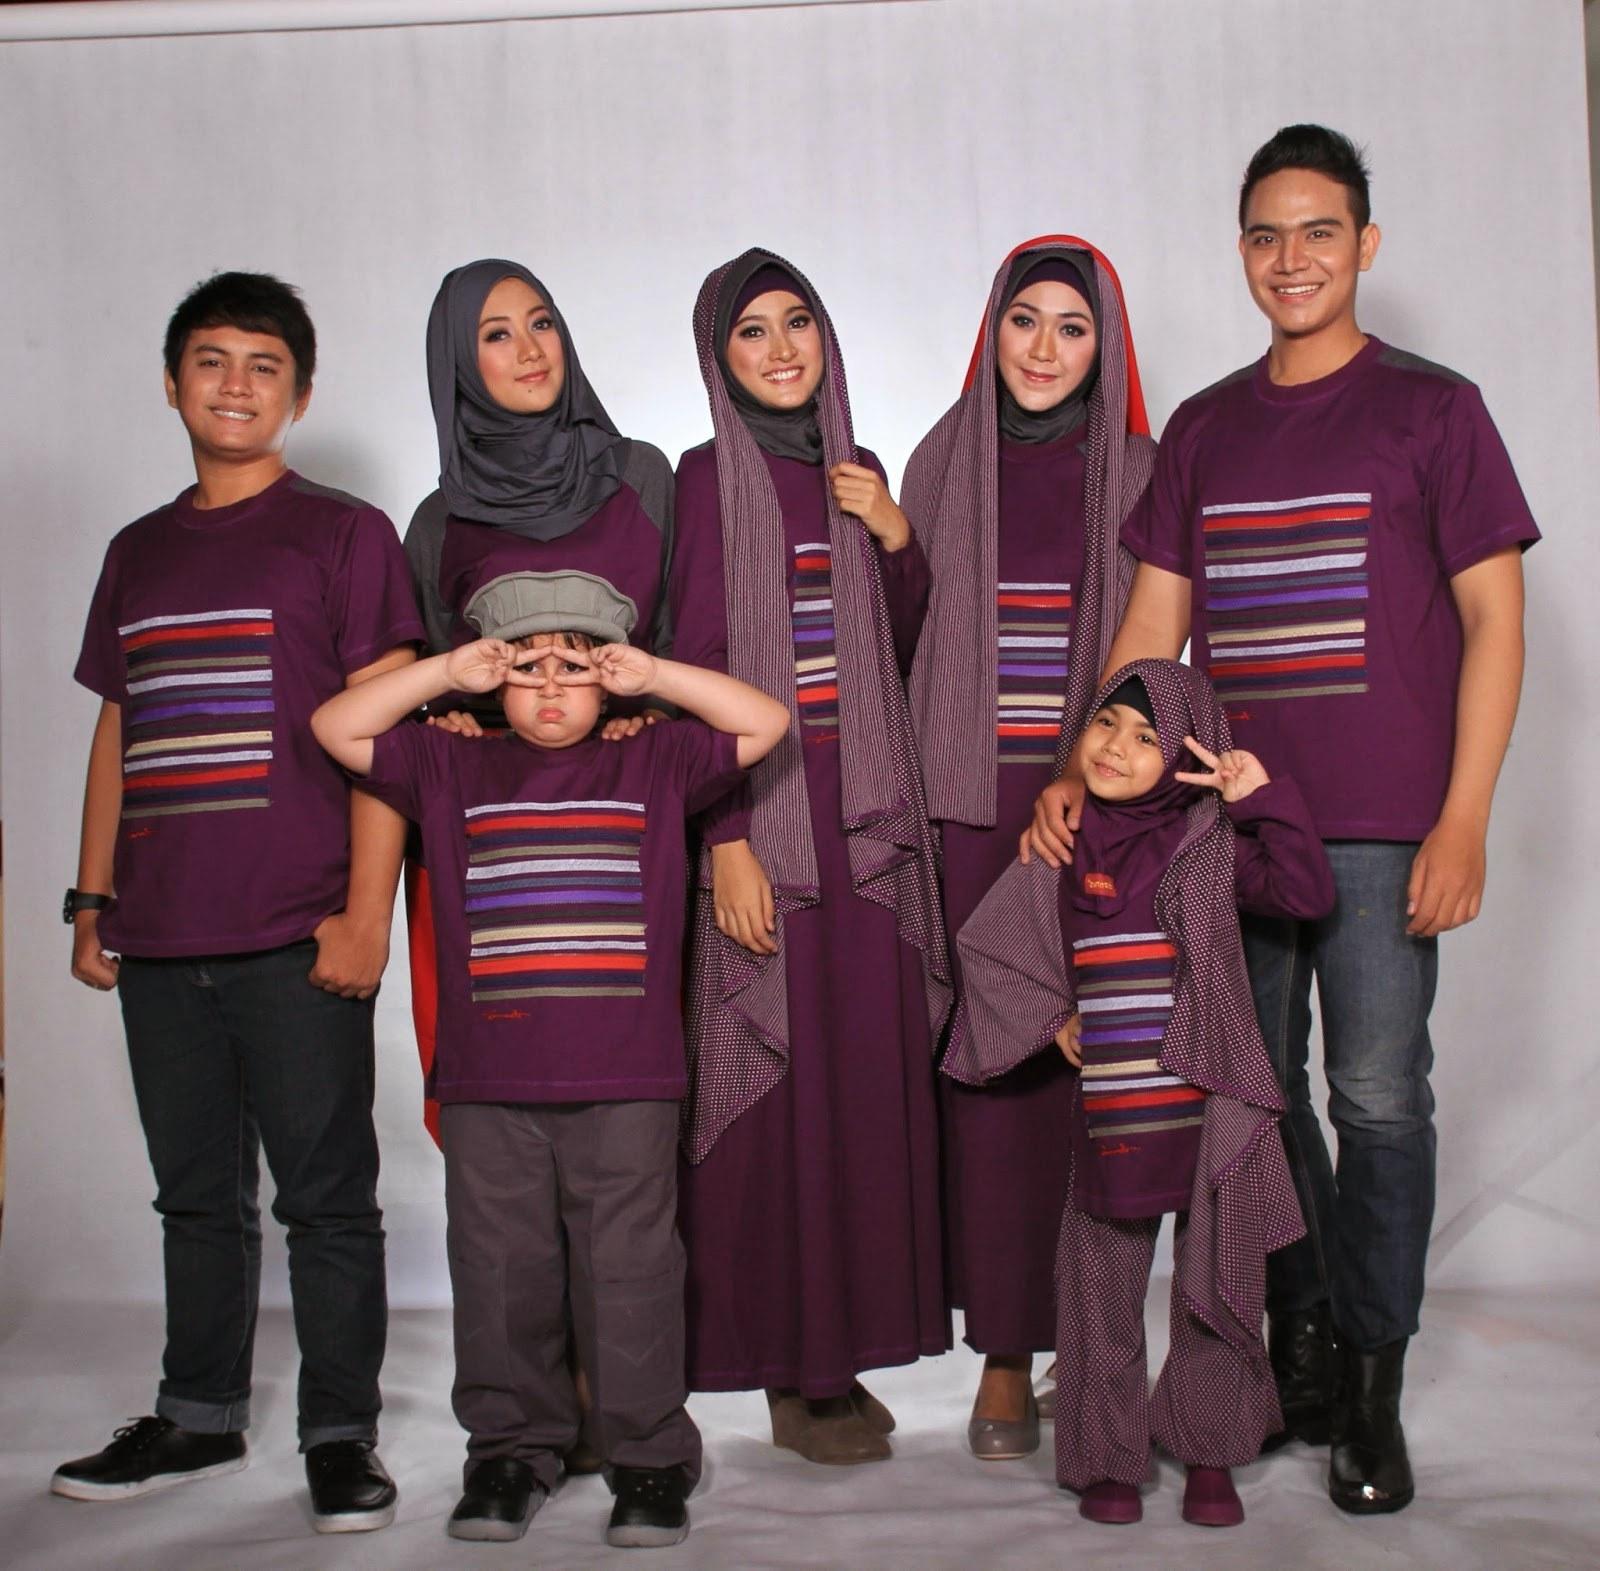 Design Model Baju Lebaran Seragam Keluarga U3dh 25 Model Baju Lebaran Keluarga 2018 Kompak & Modis